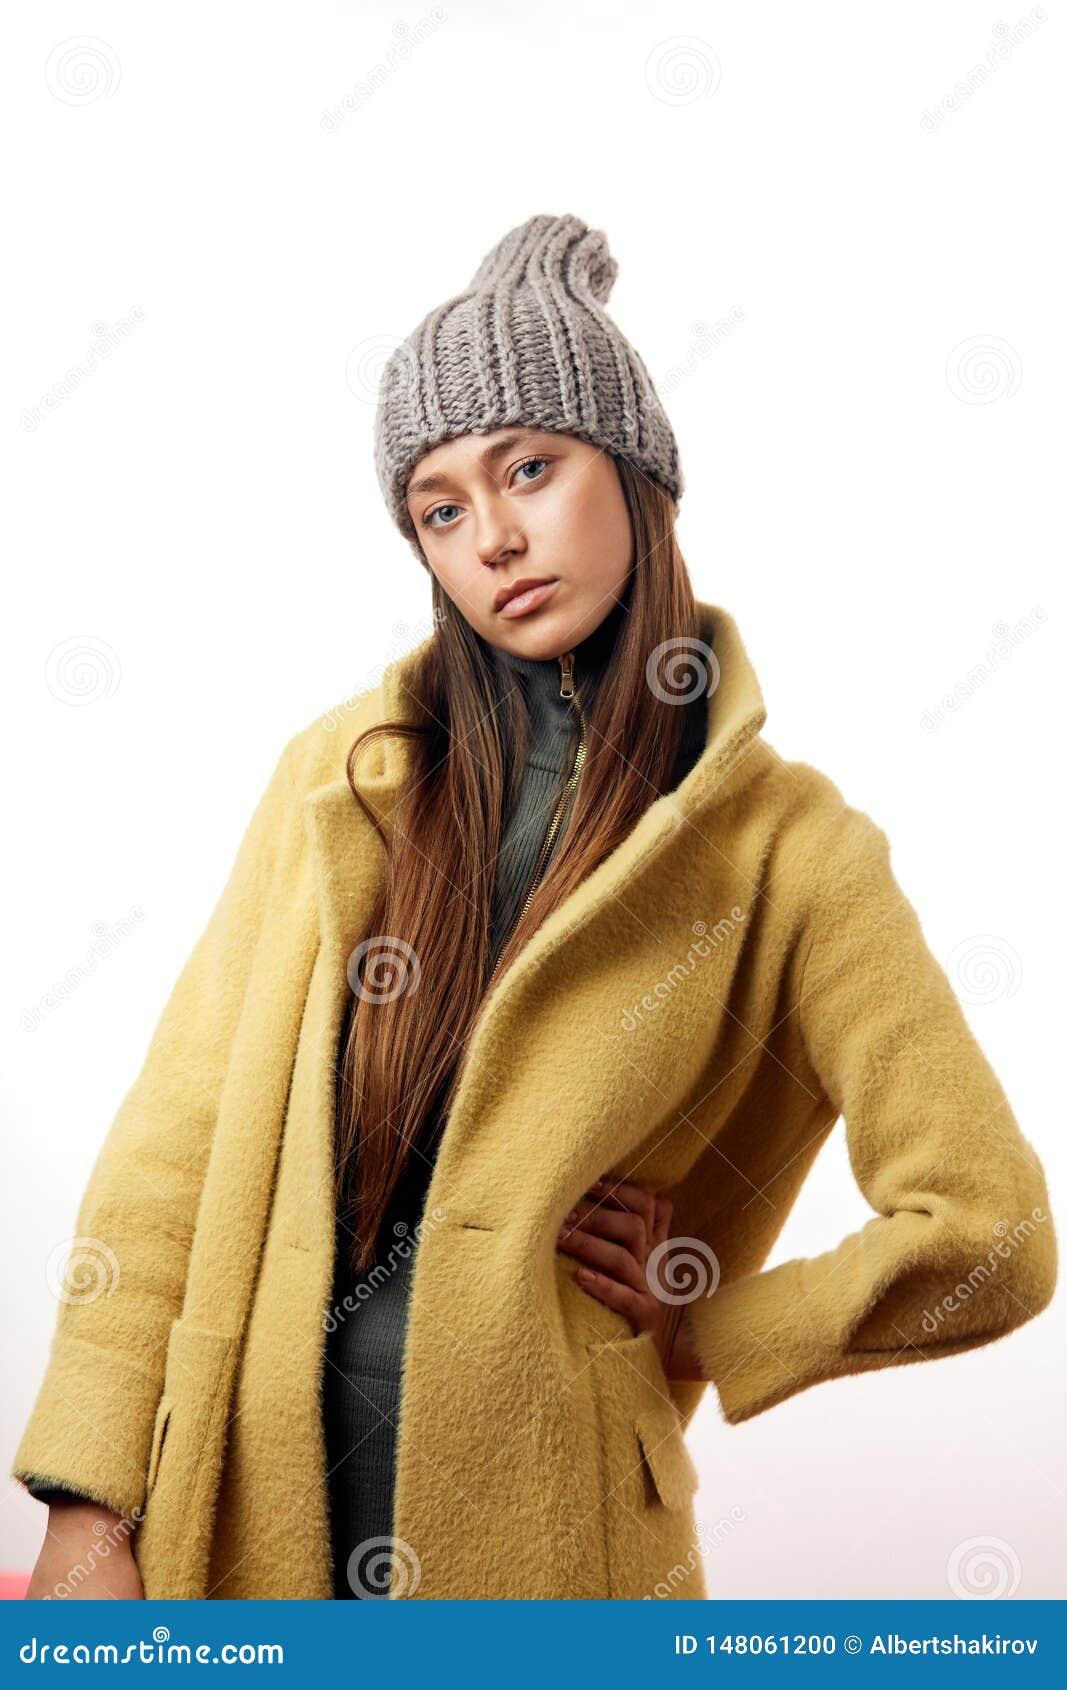 Modelo moreno de la mujer del inconformista de moda en abrigo beige elegante y sombrero gris